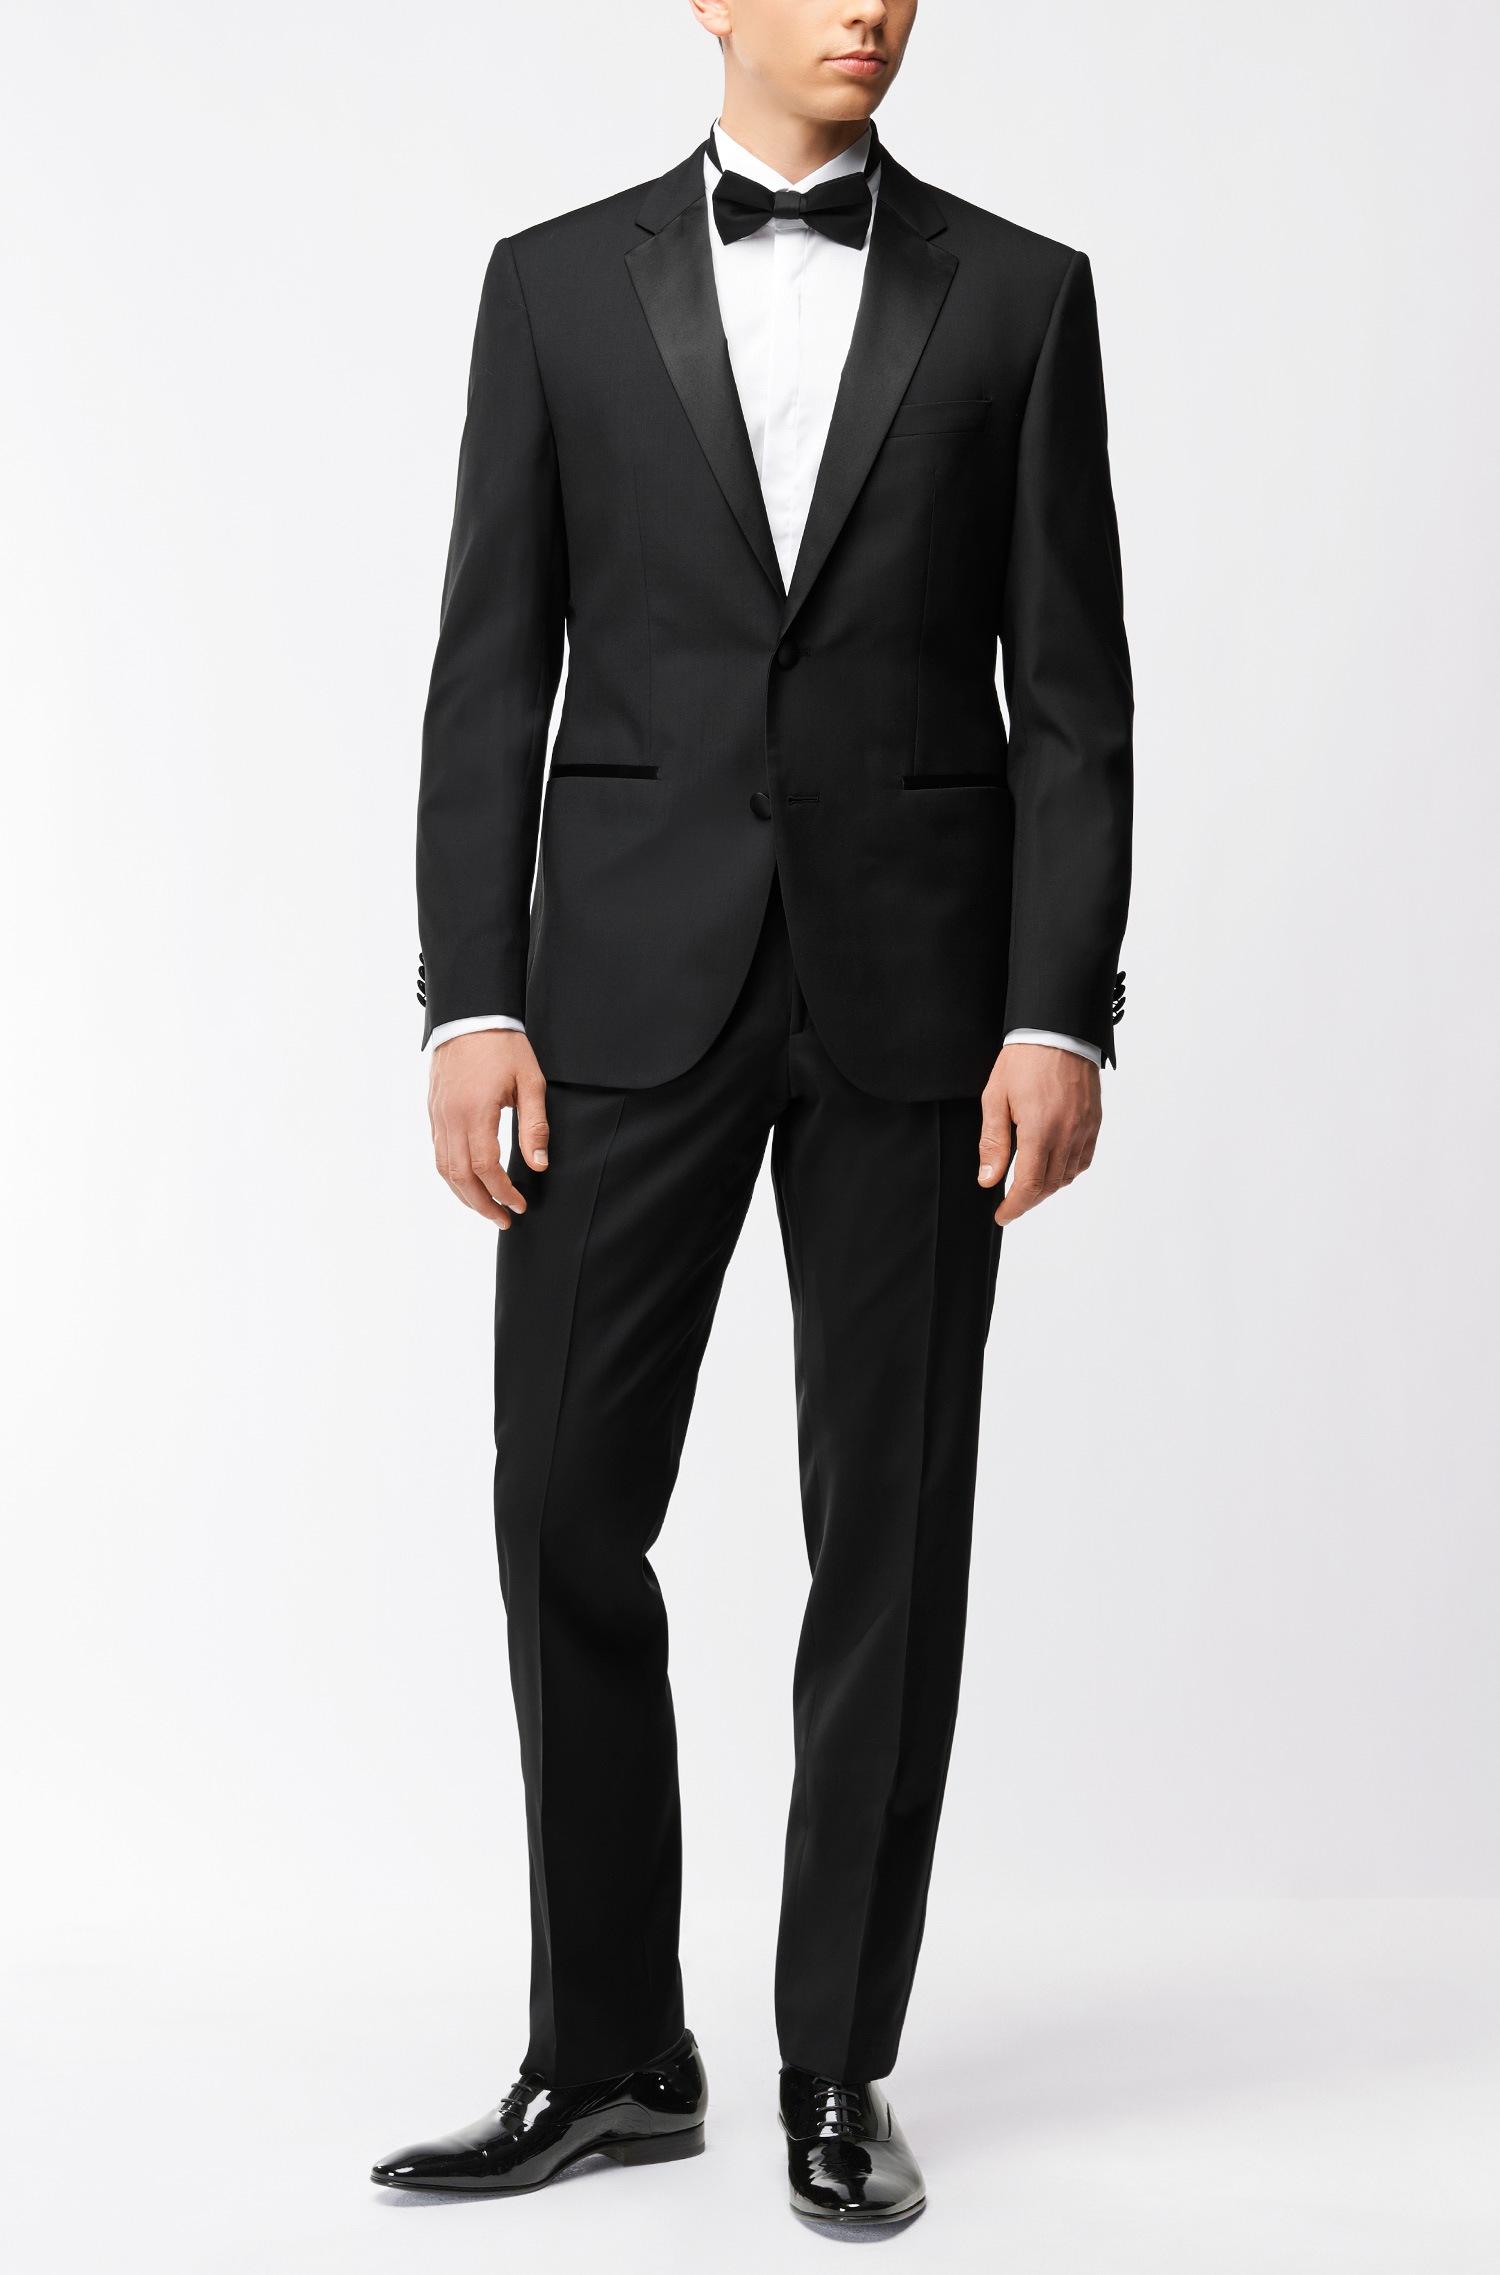 Abito da sposo Hugo Boss regular fit in lana vergine con dettagli in seta